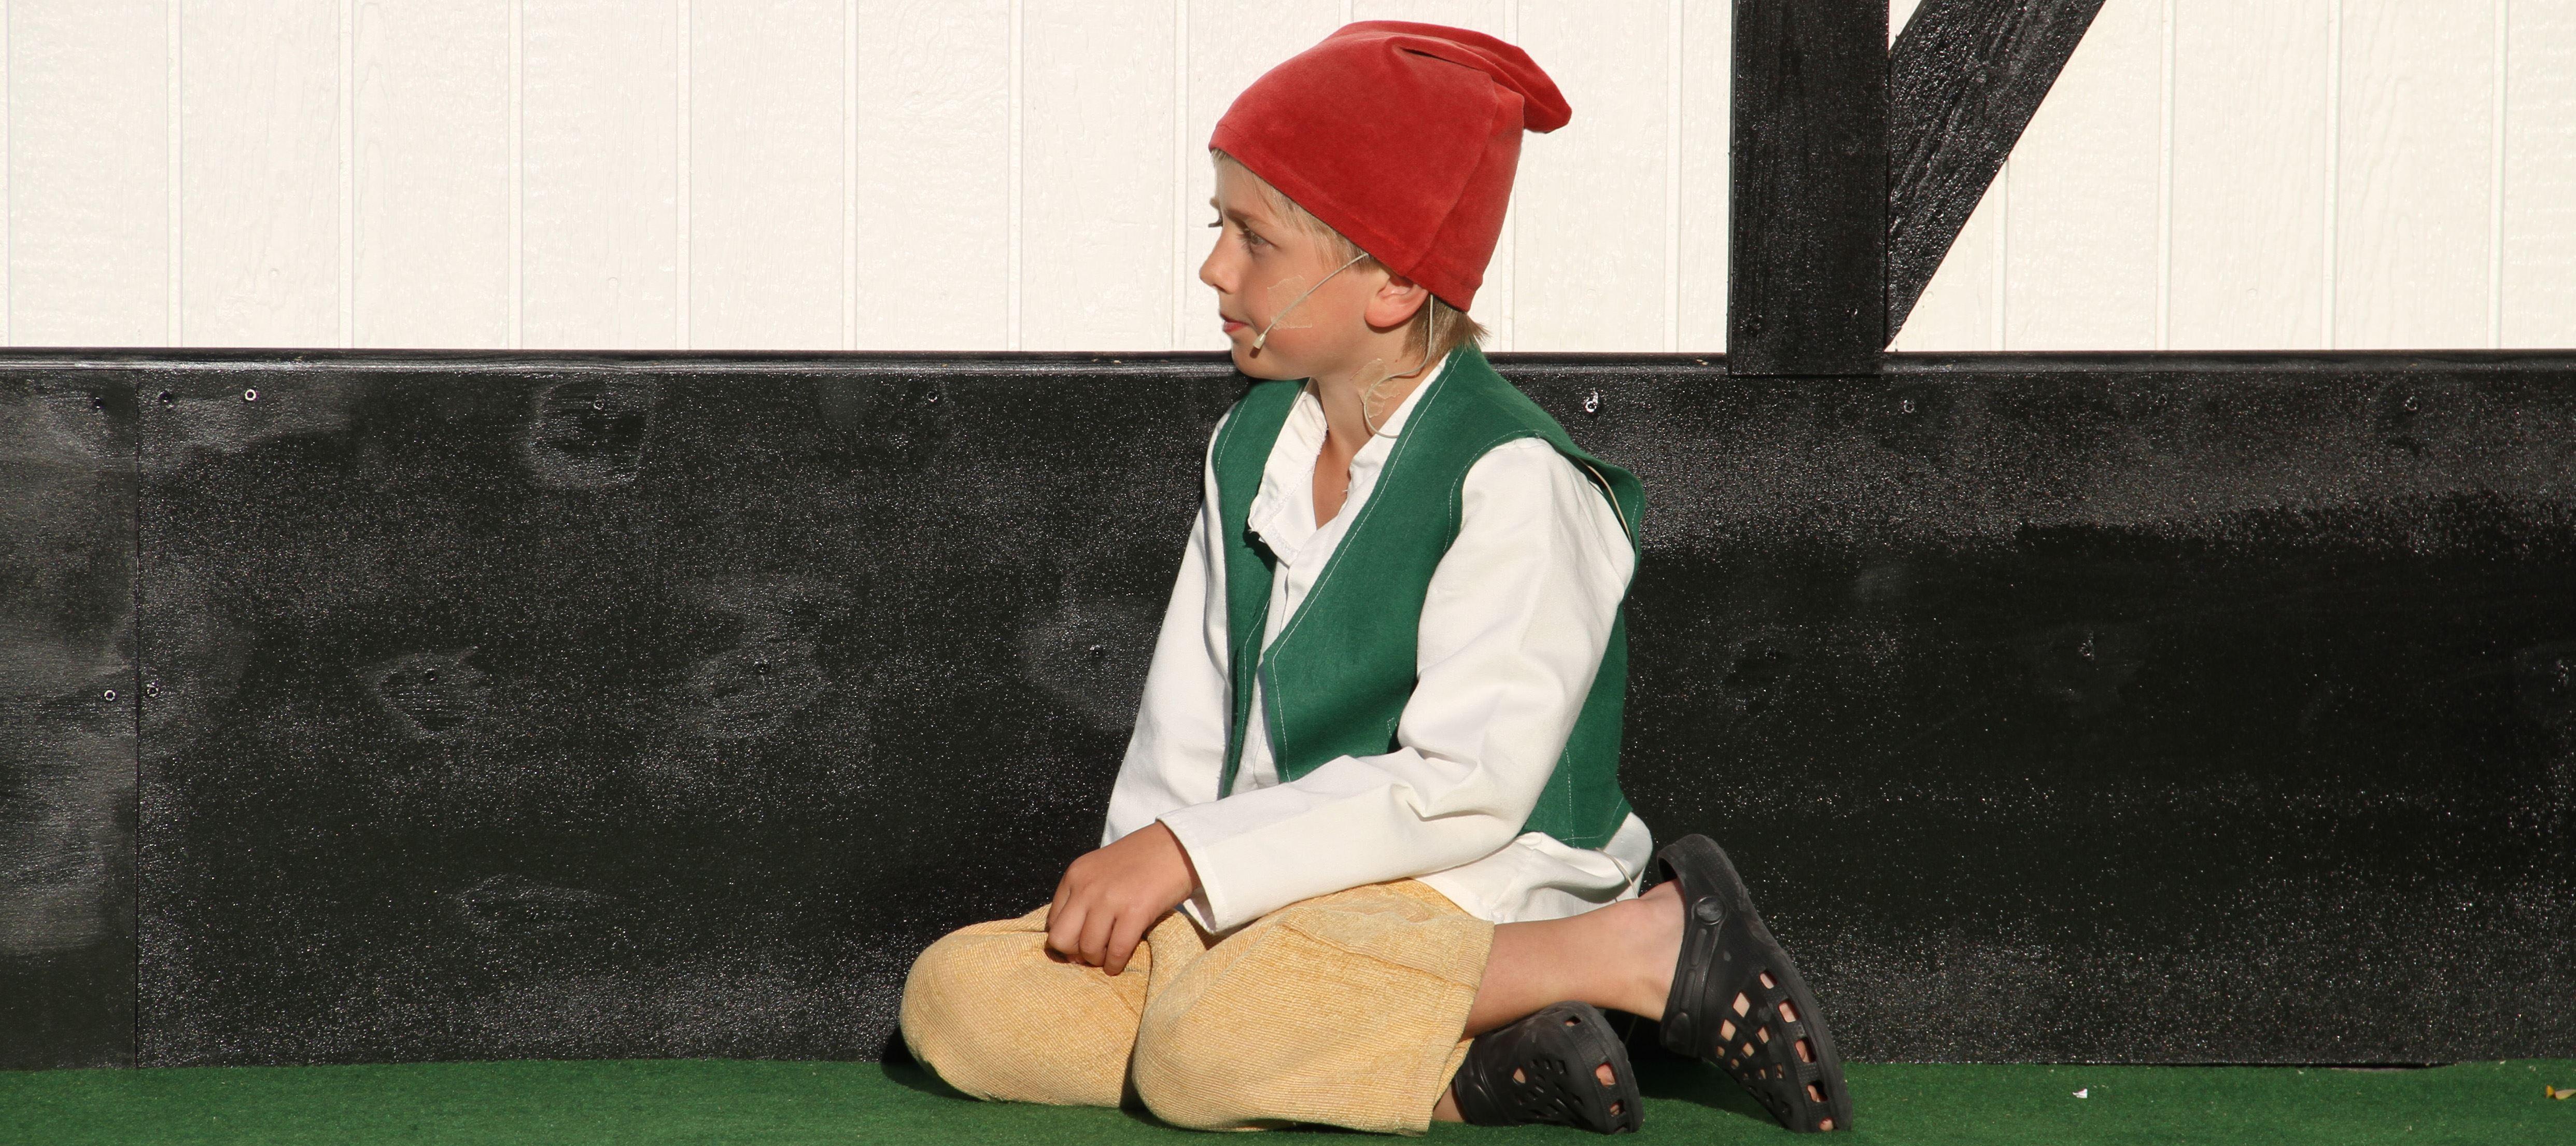 Gun Andersson, Nils Holgerssonspelen är en teater som visas intill skolan varje sommar